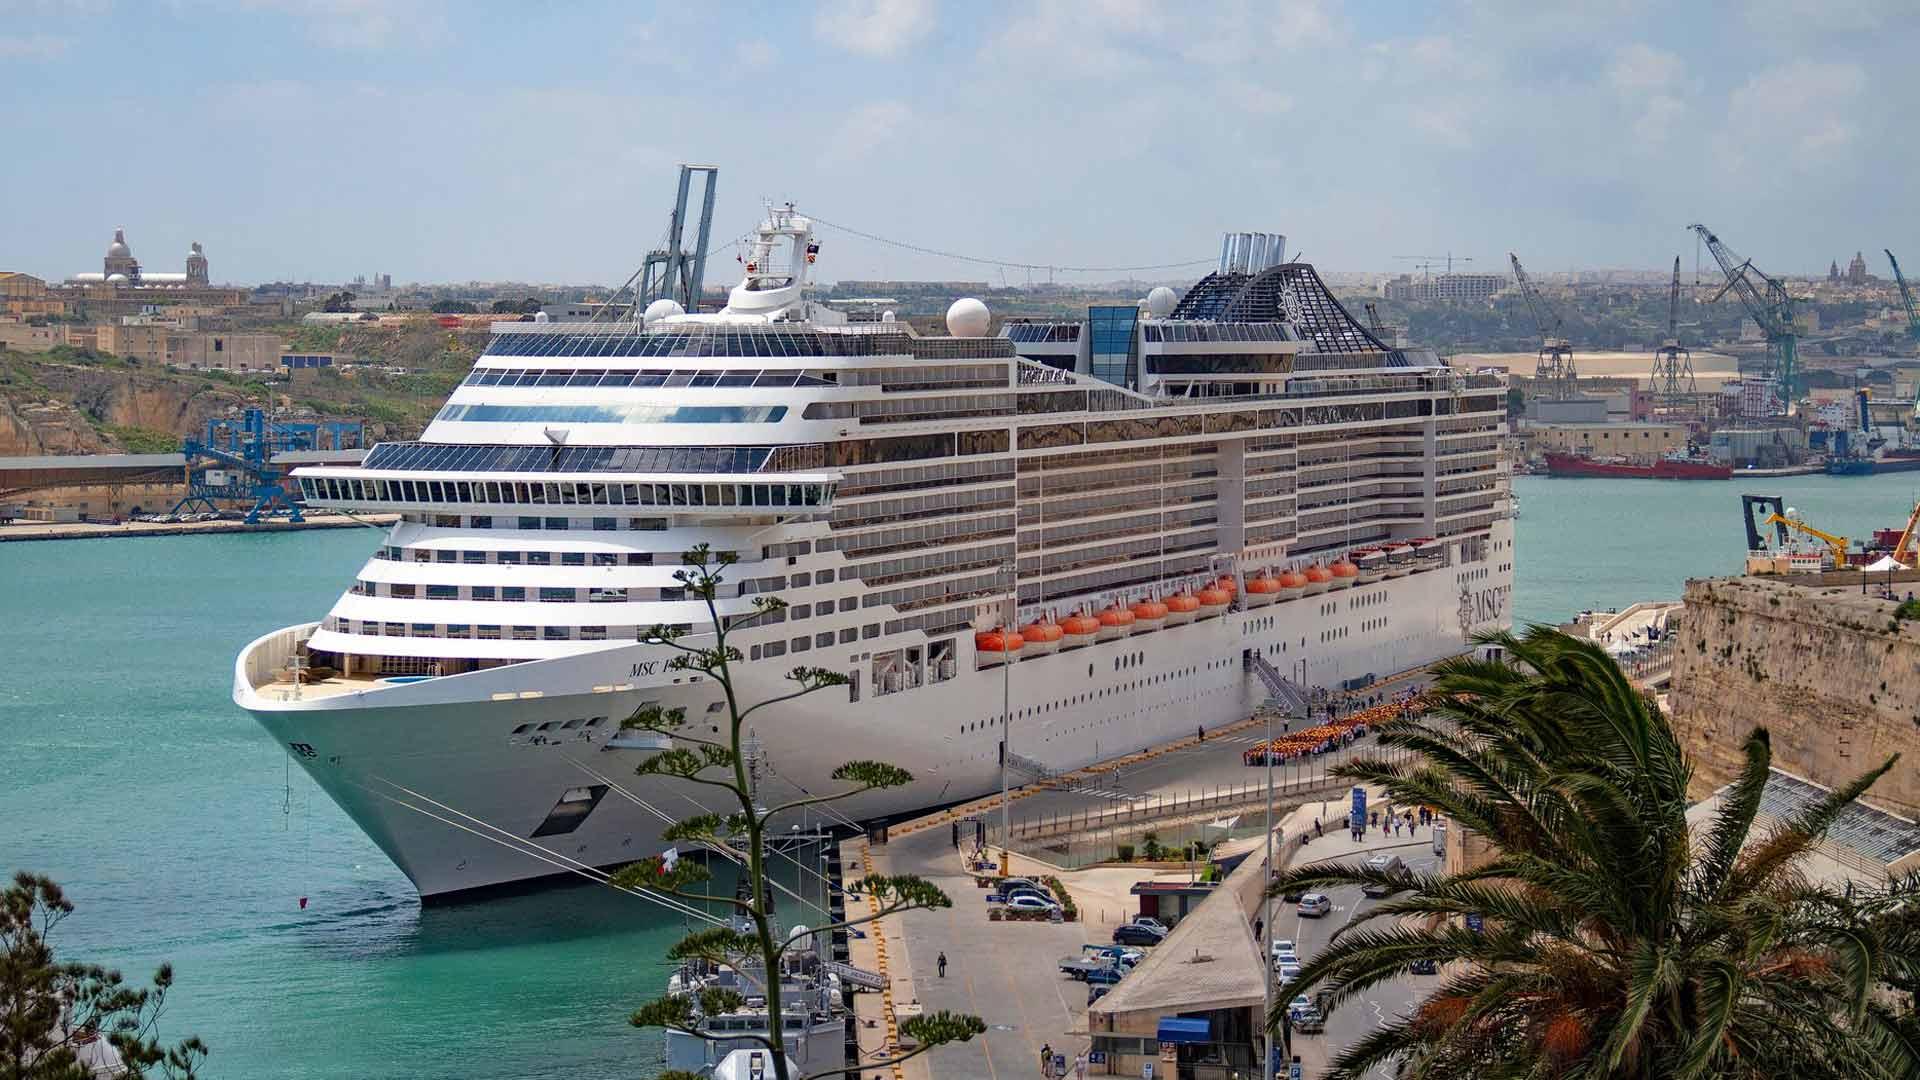 Maltan talouden pohja on matkailussa, siitä on tullut suurten Välimeren risteilijöiden vakio pysähdyspaikkoja.